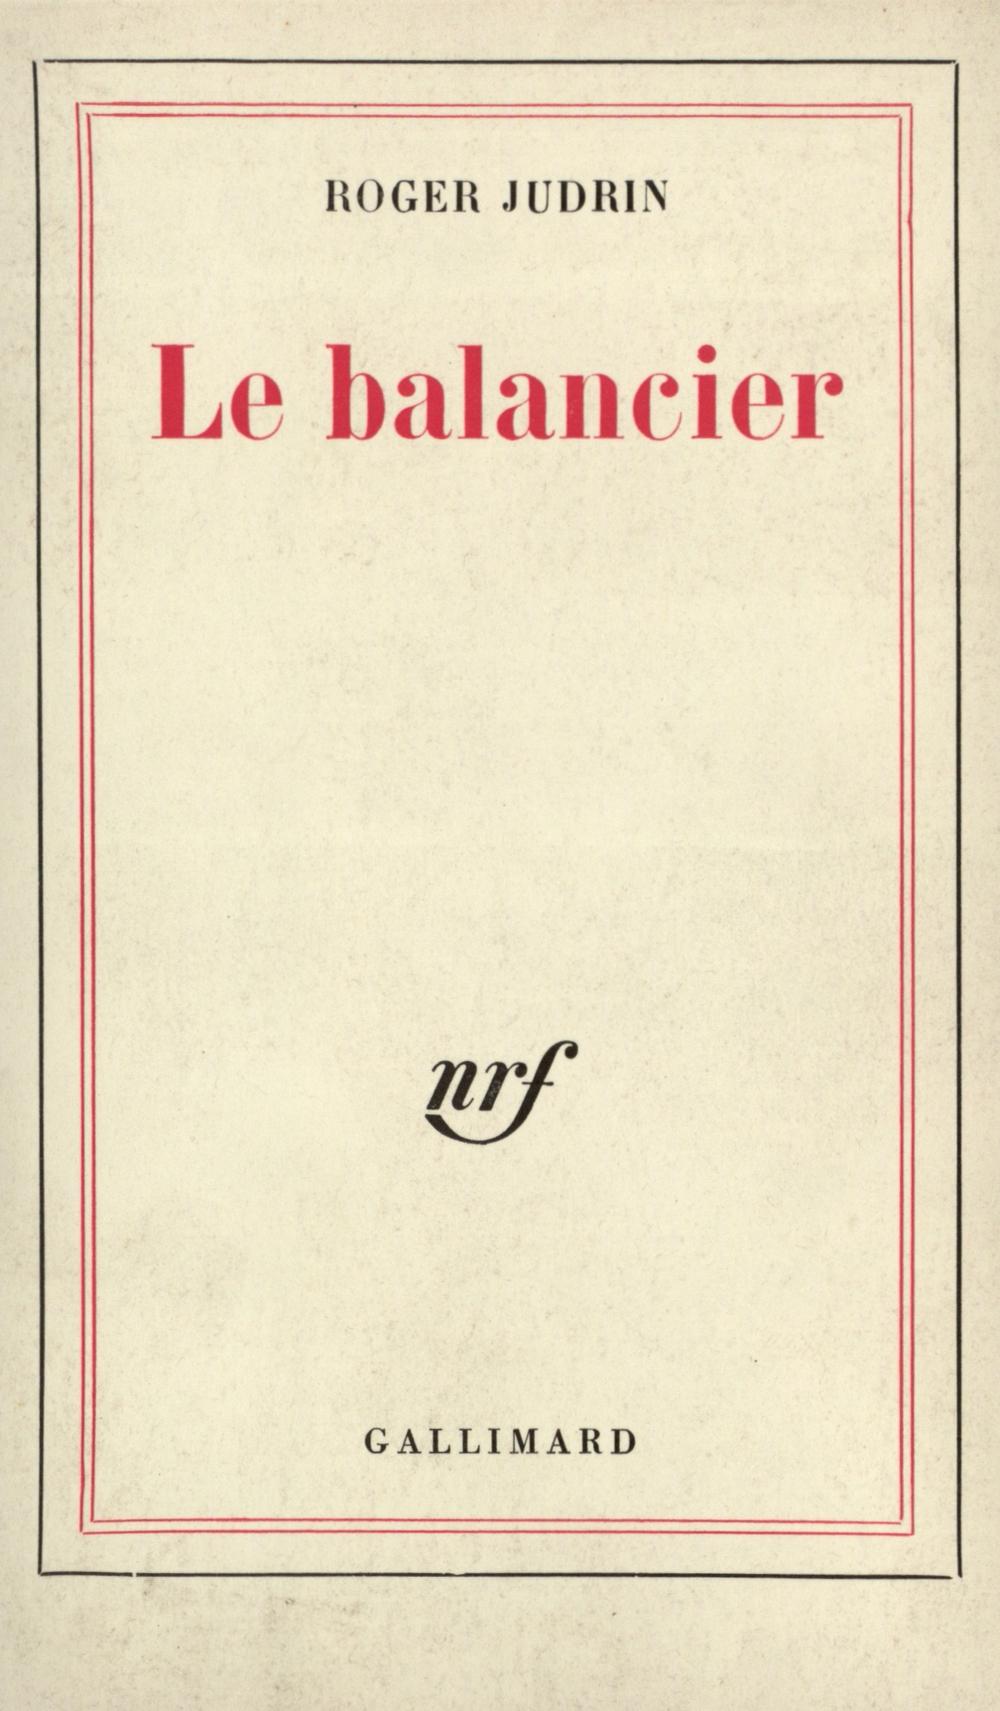 Le balancier